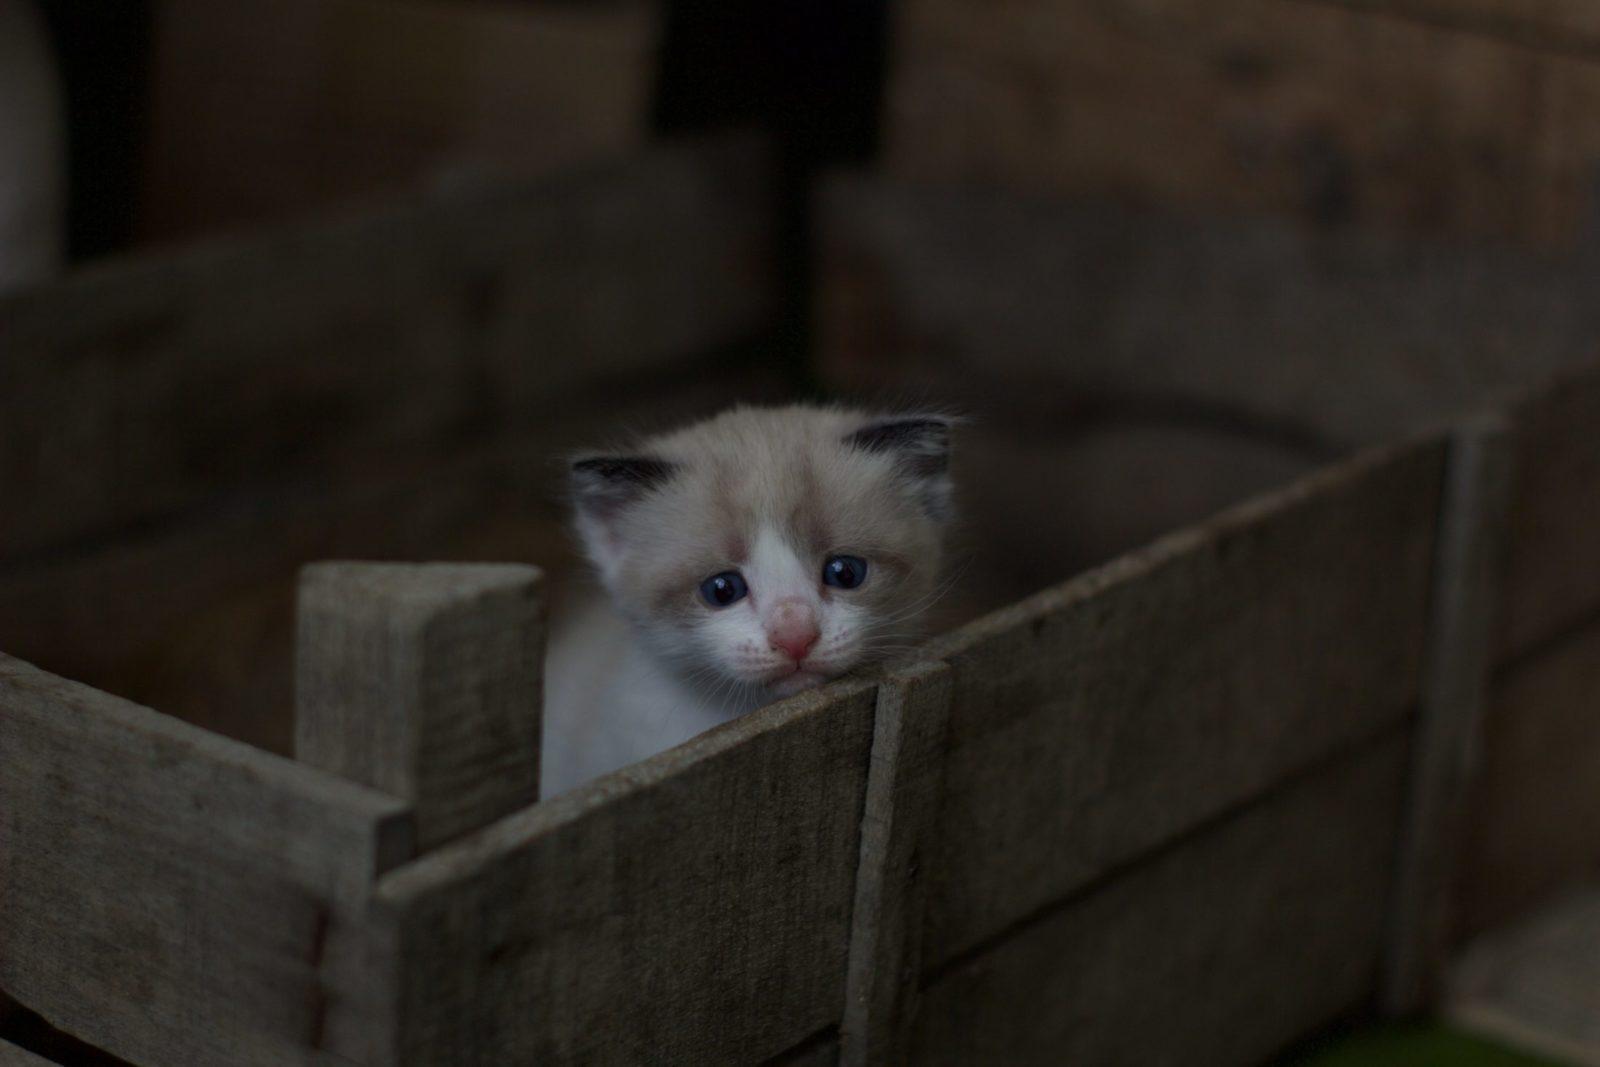 filhote em caixote de madeira para adoção de gatos